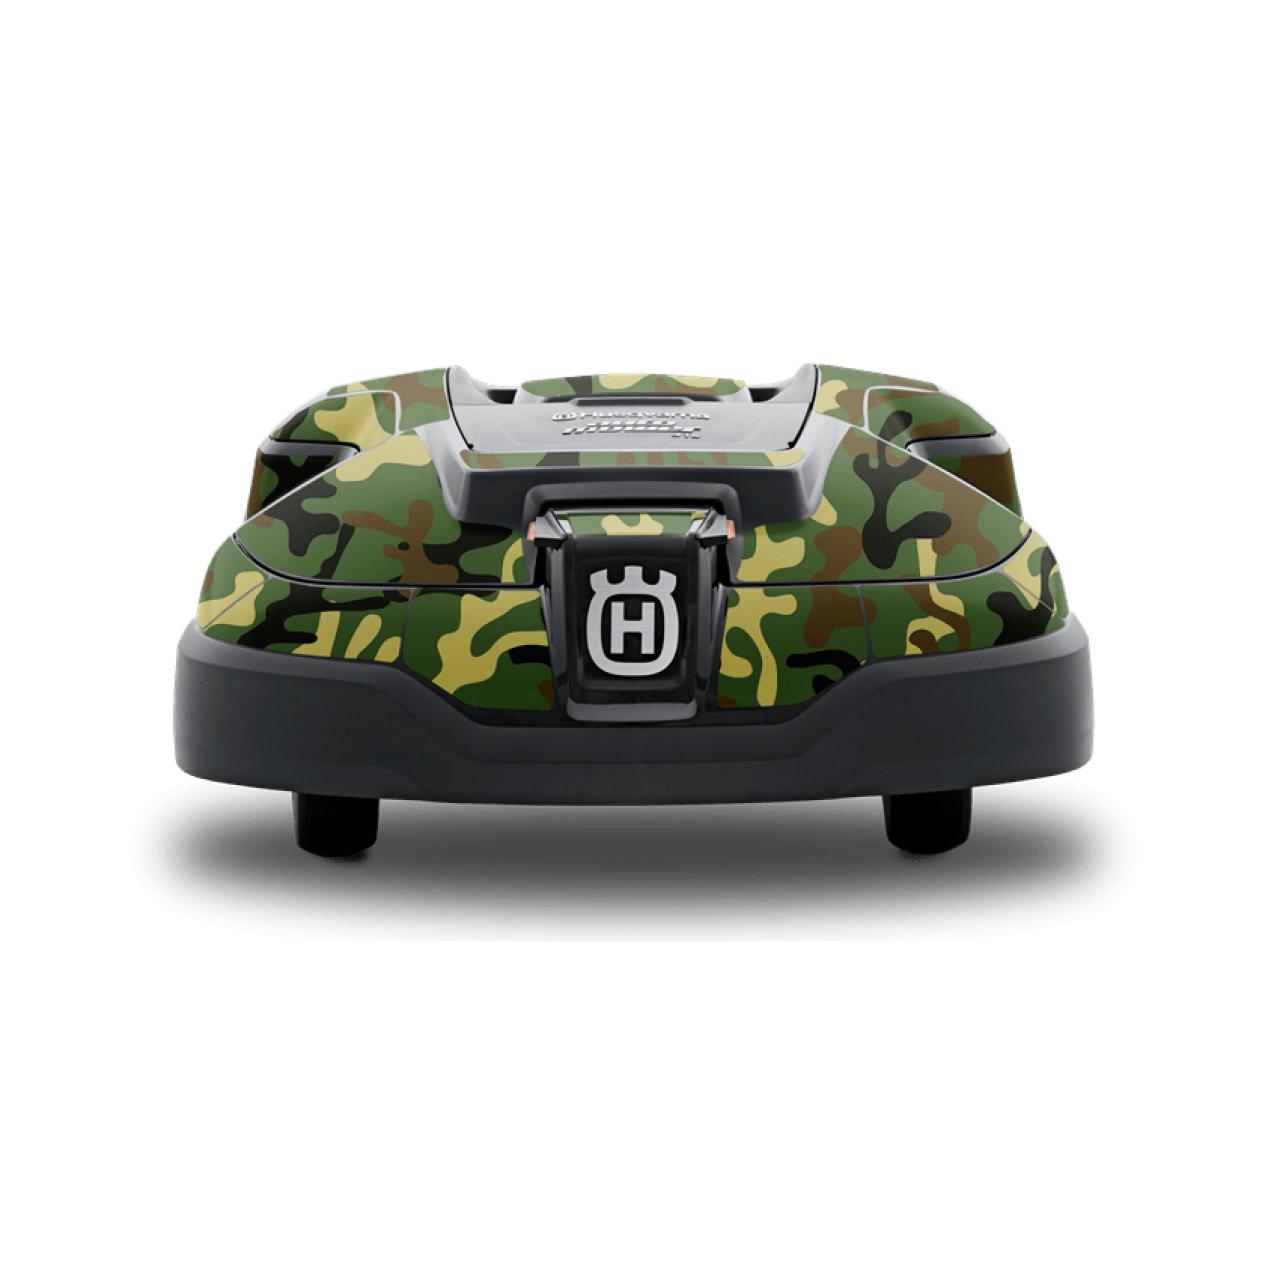 Sticker-Set Camouflage (430x)